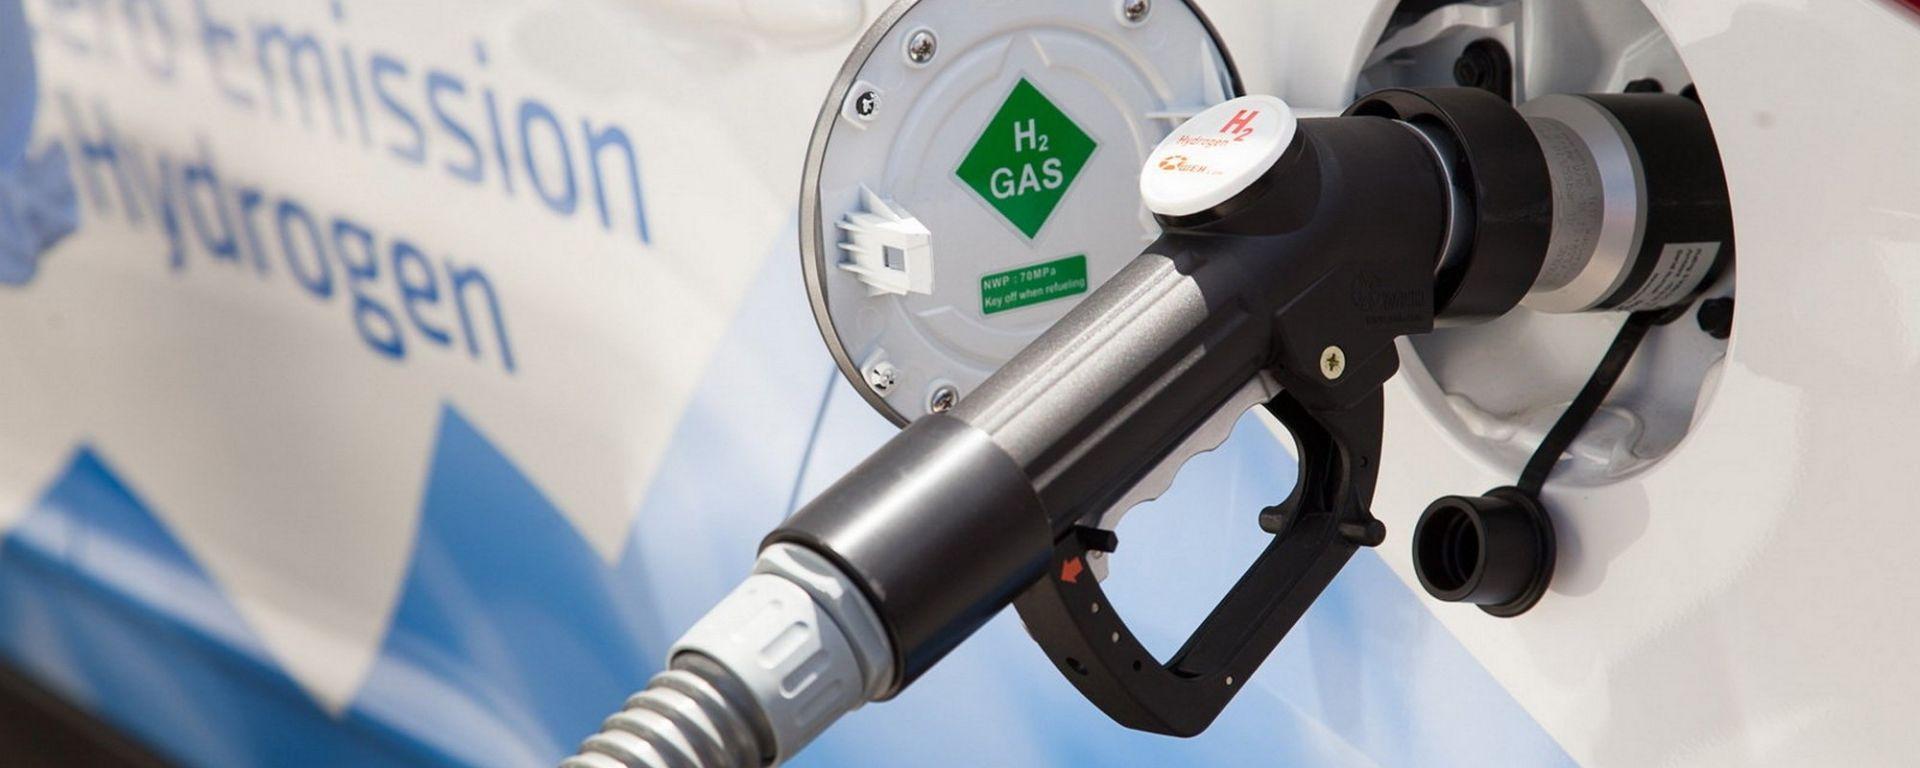 Hyundai-FCA, alleanza sull'idrogeno?